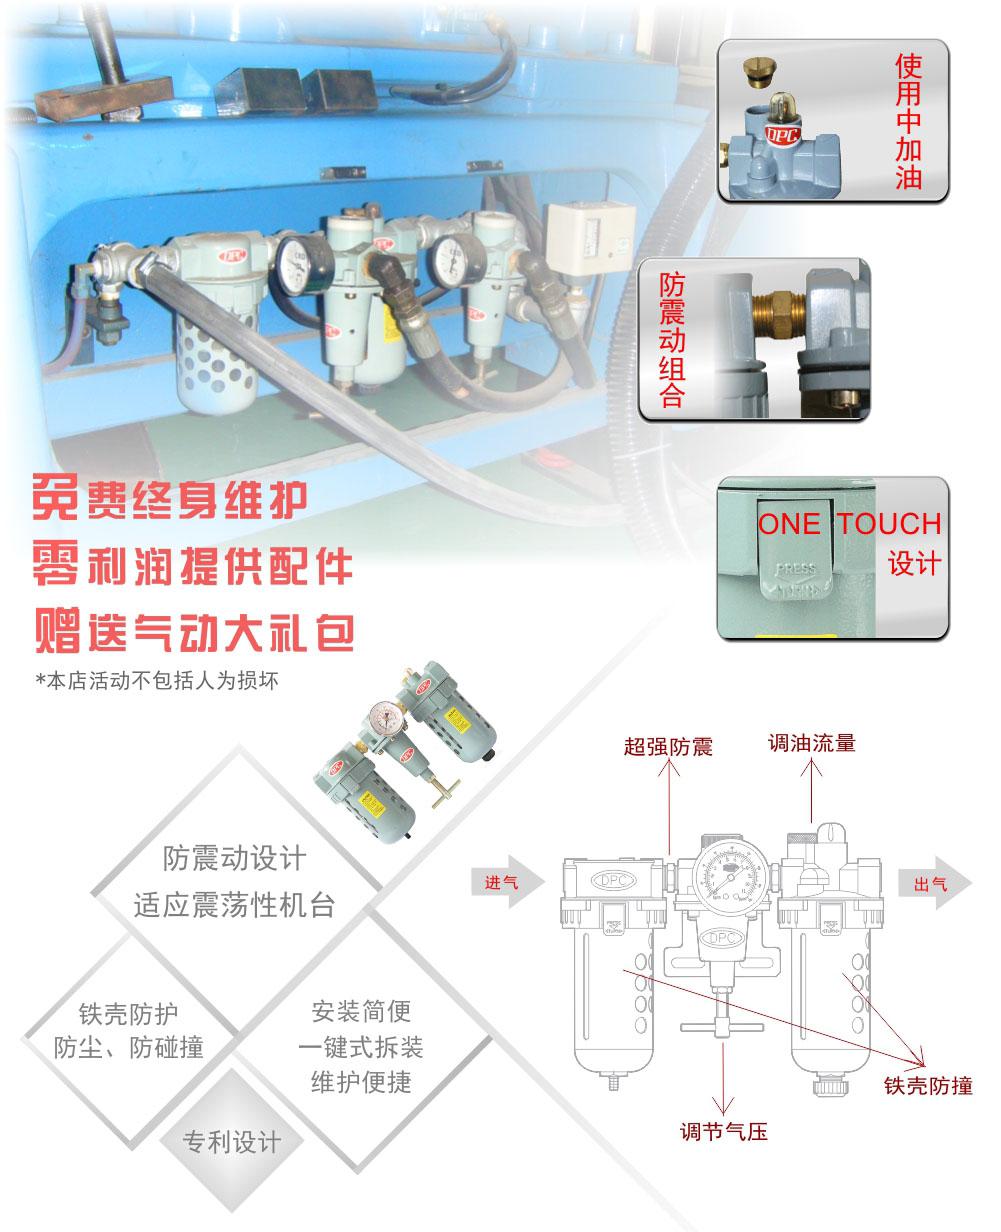 P796气源三联件采购细节图